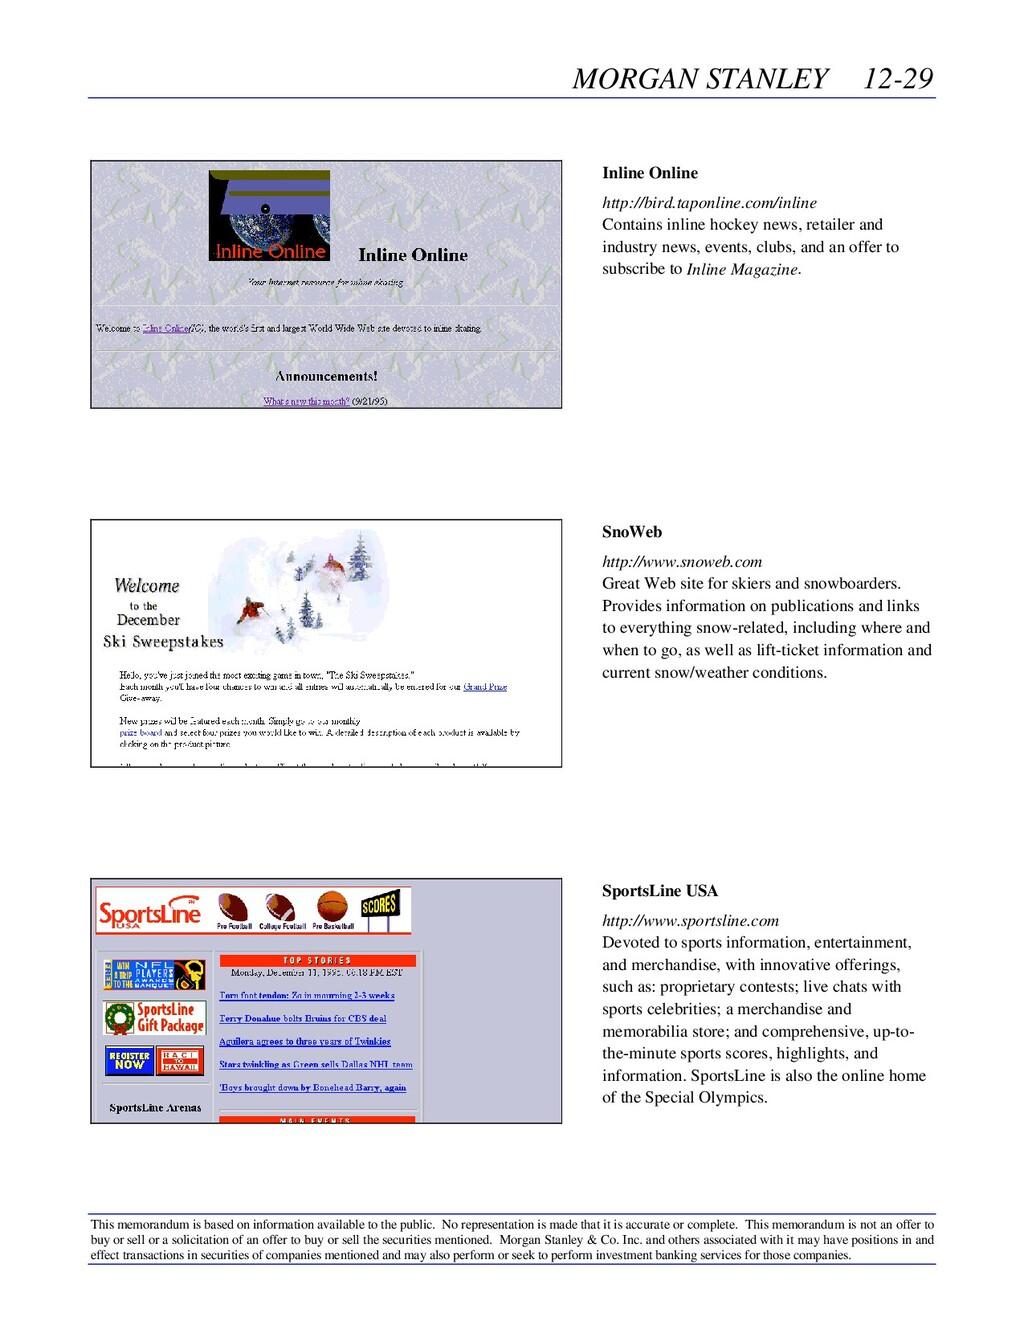 MORGAN STANLEY 12-29 This memorandum is based o...